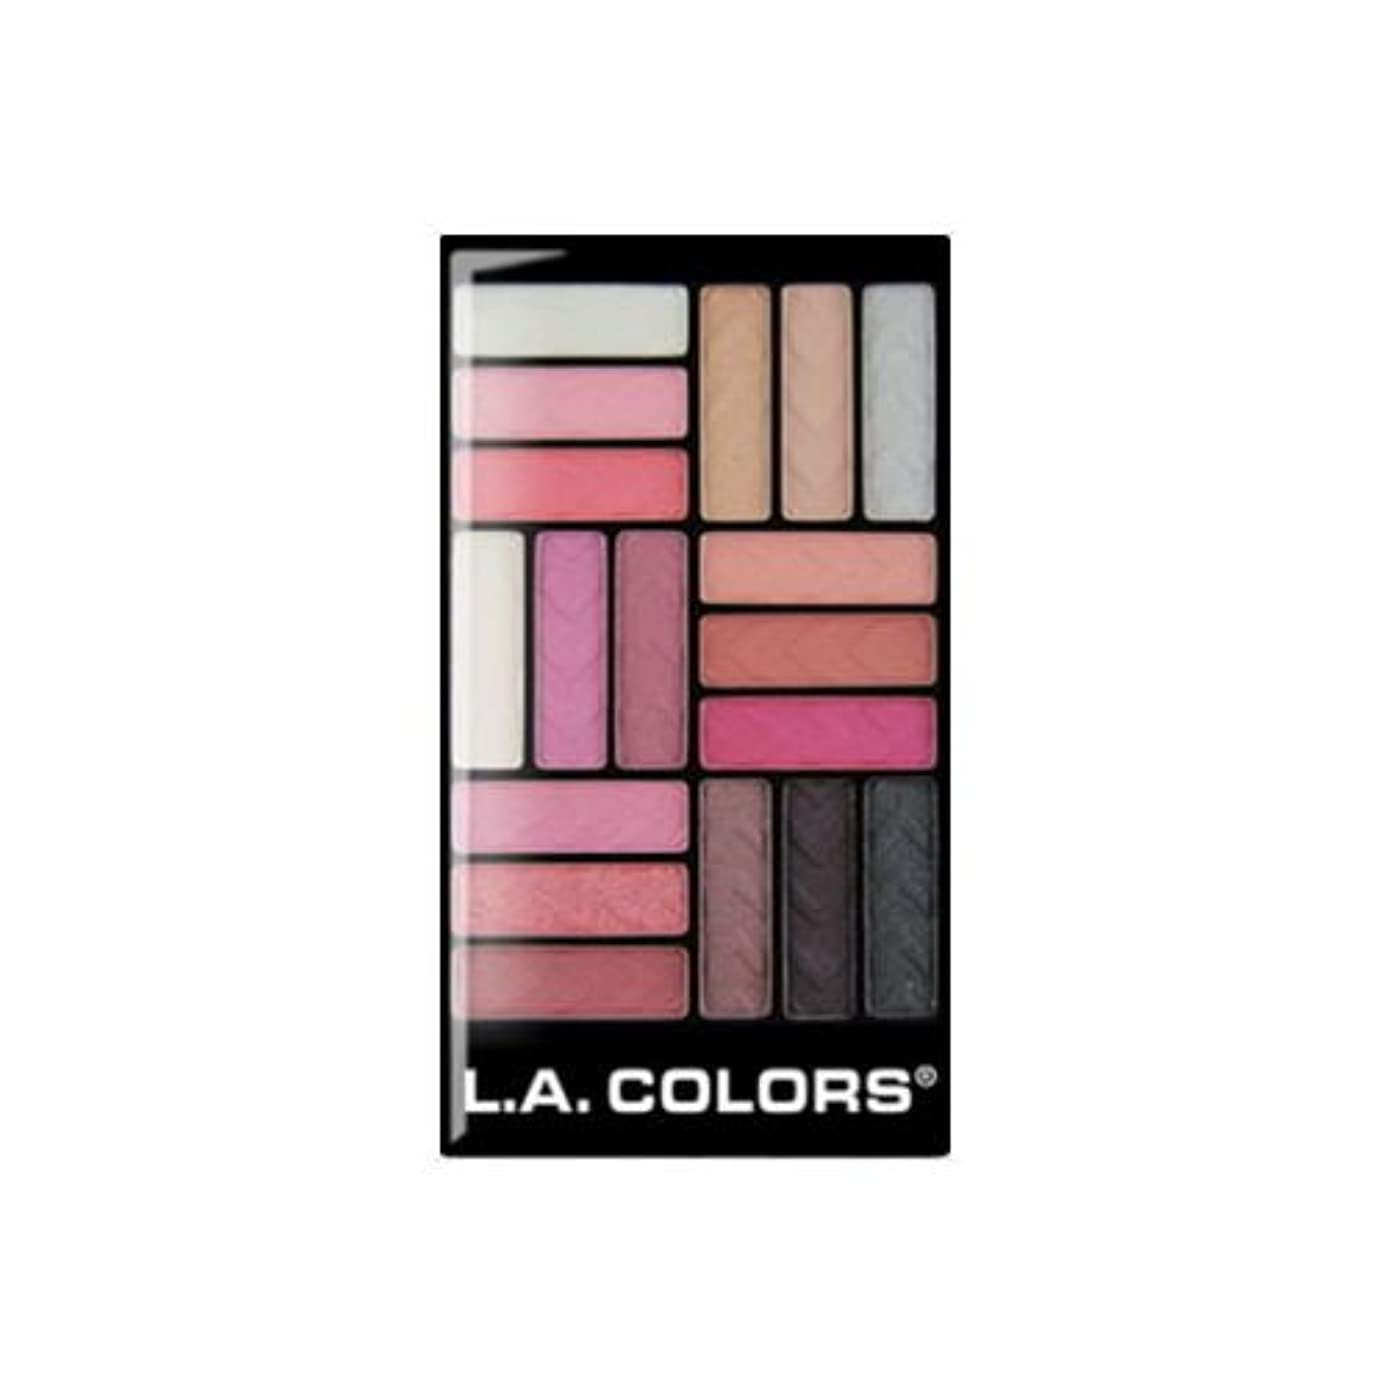 騒乱護衛バスケットボール(3 Pack) L.A. COLORS 18 Color Eyeshadow - Diva Glam (並行輸入品)